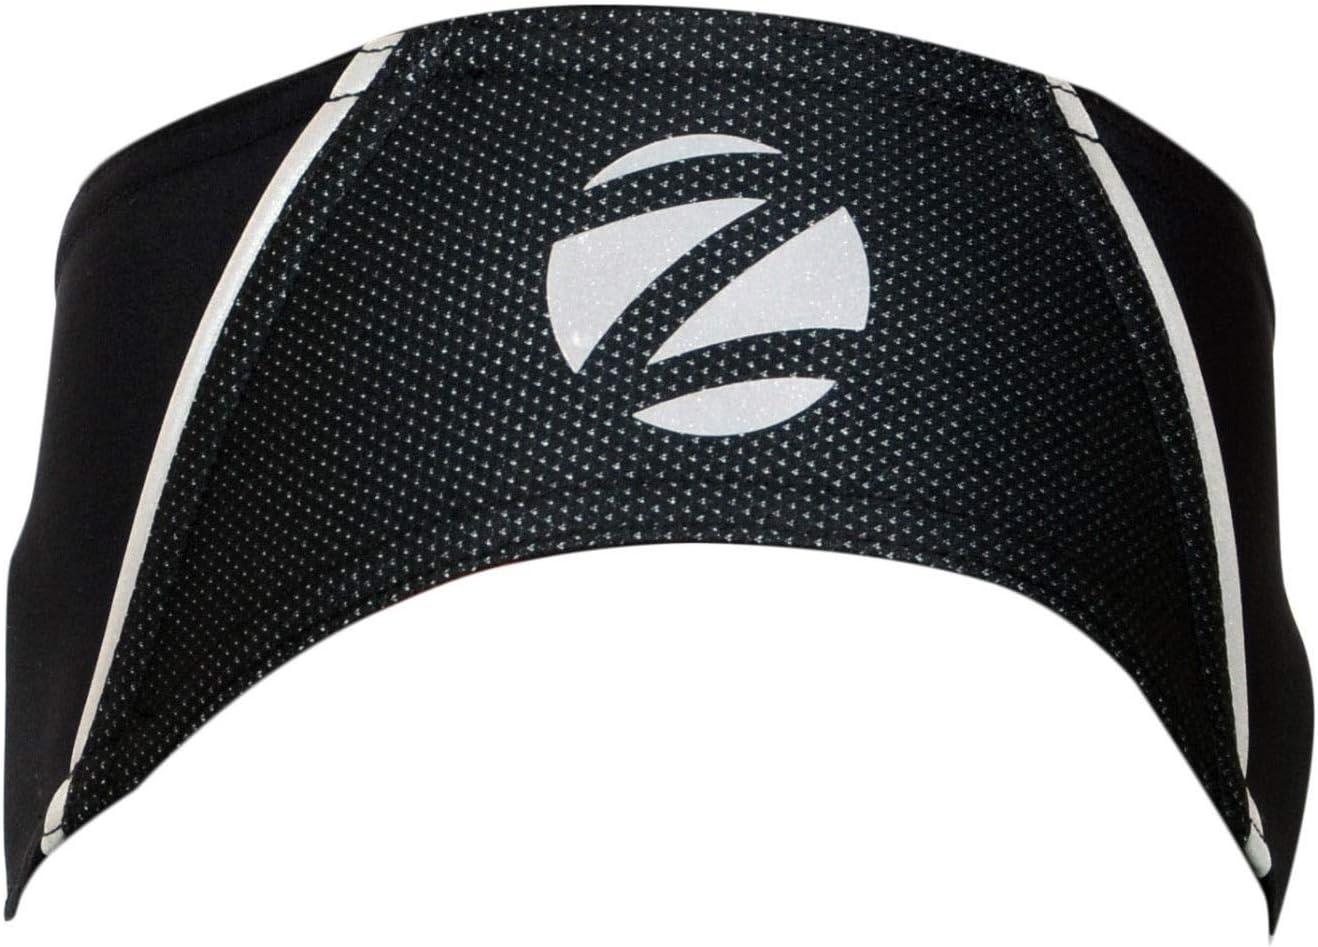 Zimco Unisex Cycling Running Windbreak Headband Ear Warmer HiViz Headband Black